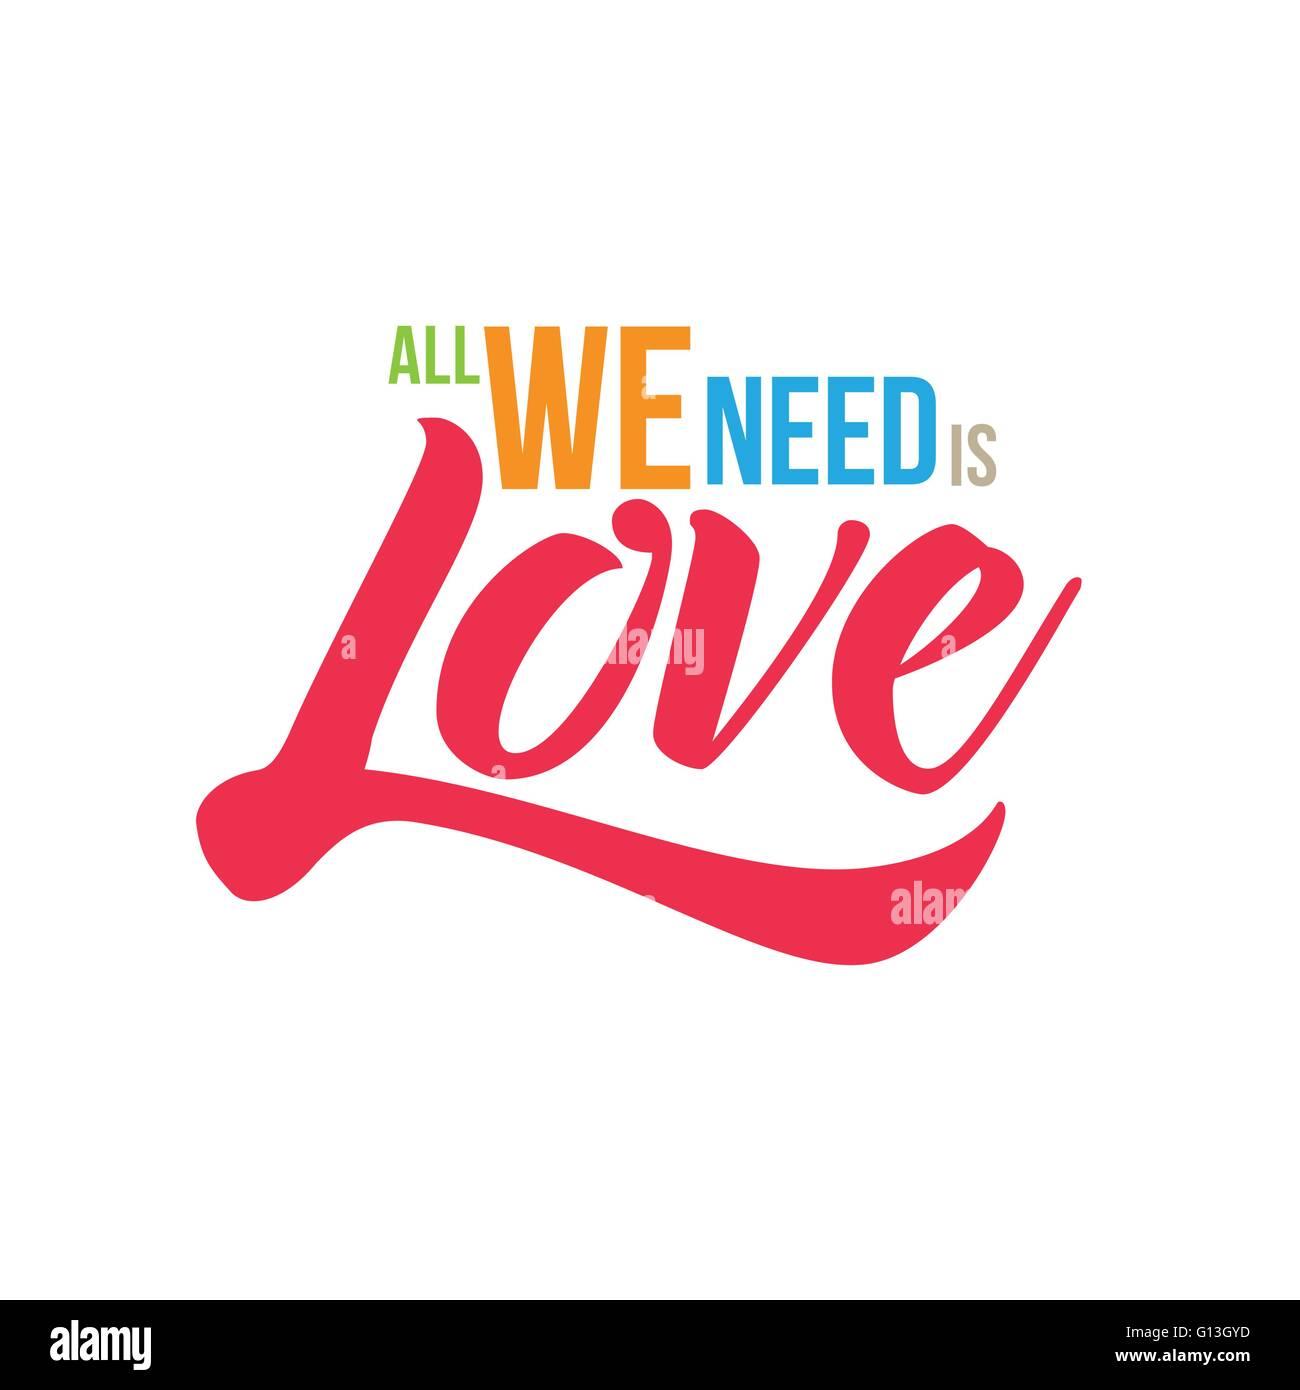 Tous nous avons besoin est l'amour. Vector design typographique. Illustration de Vecteur